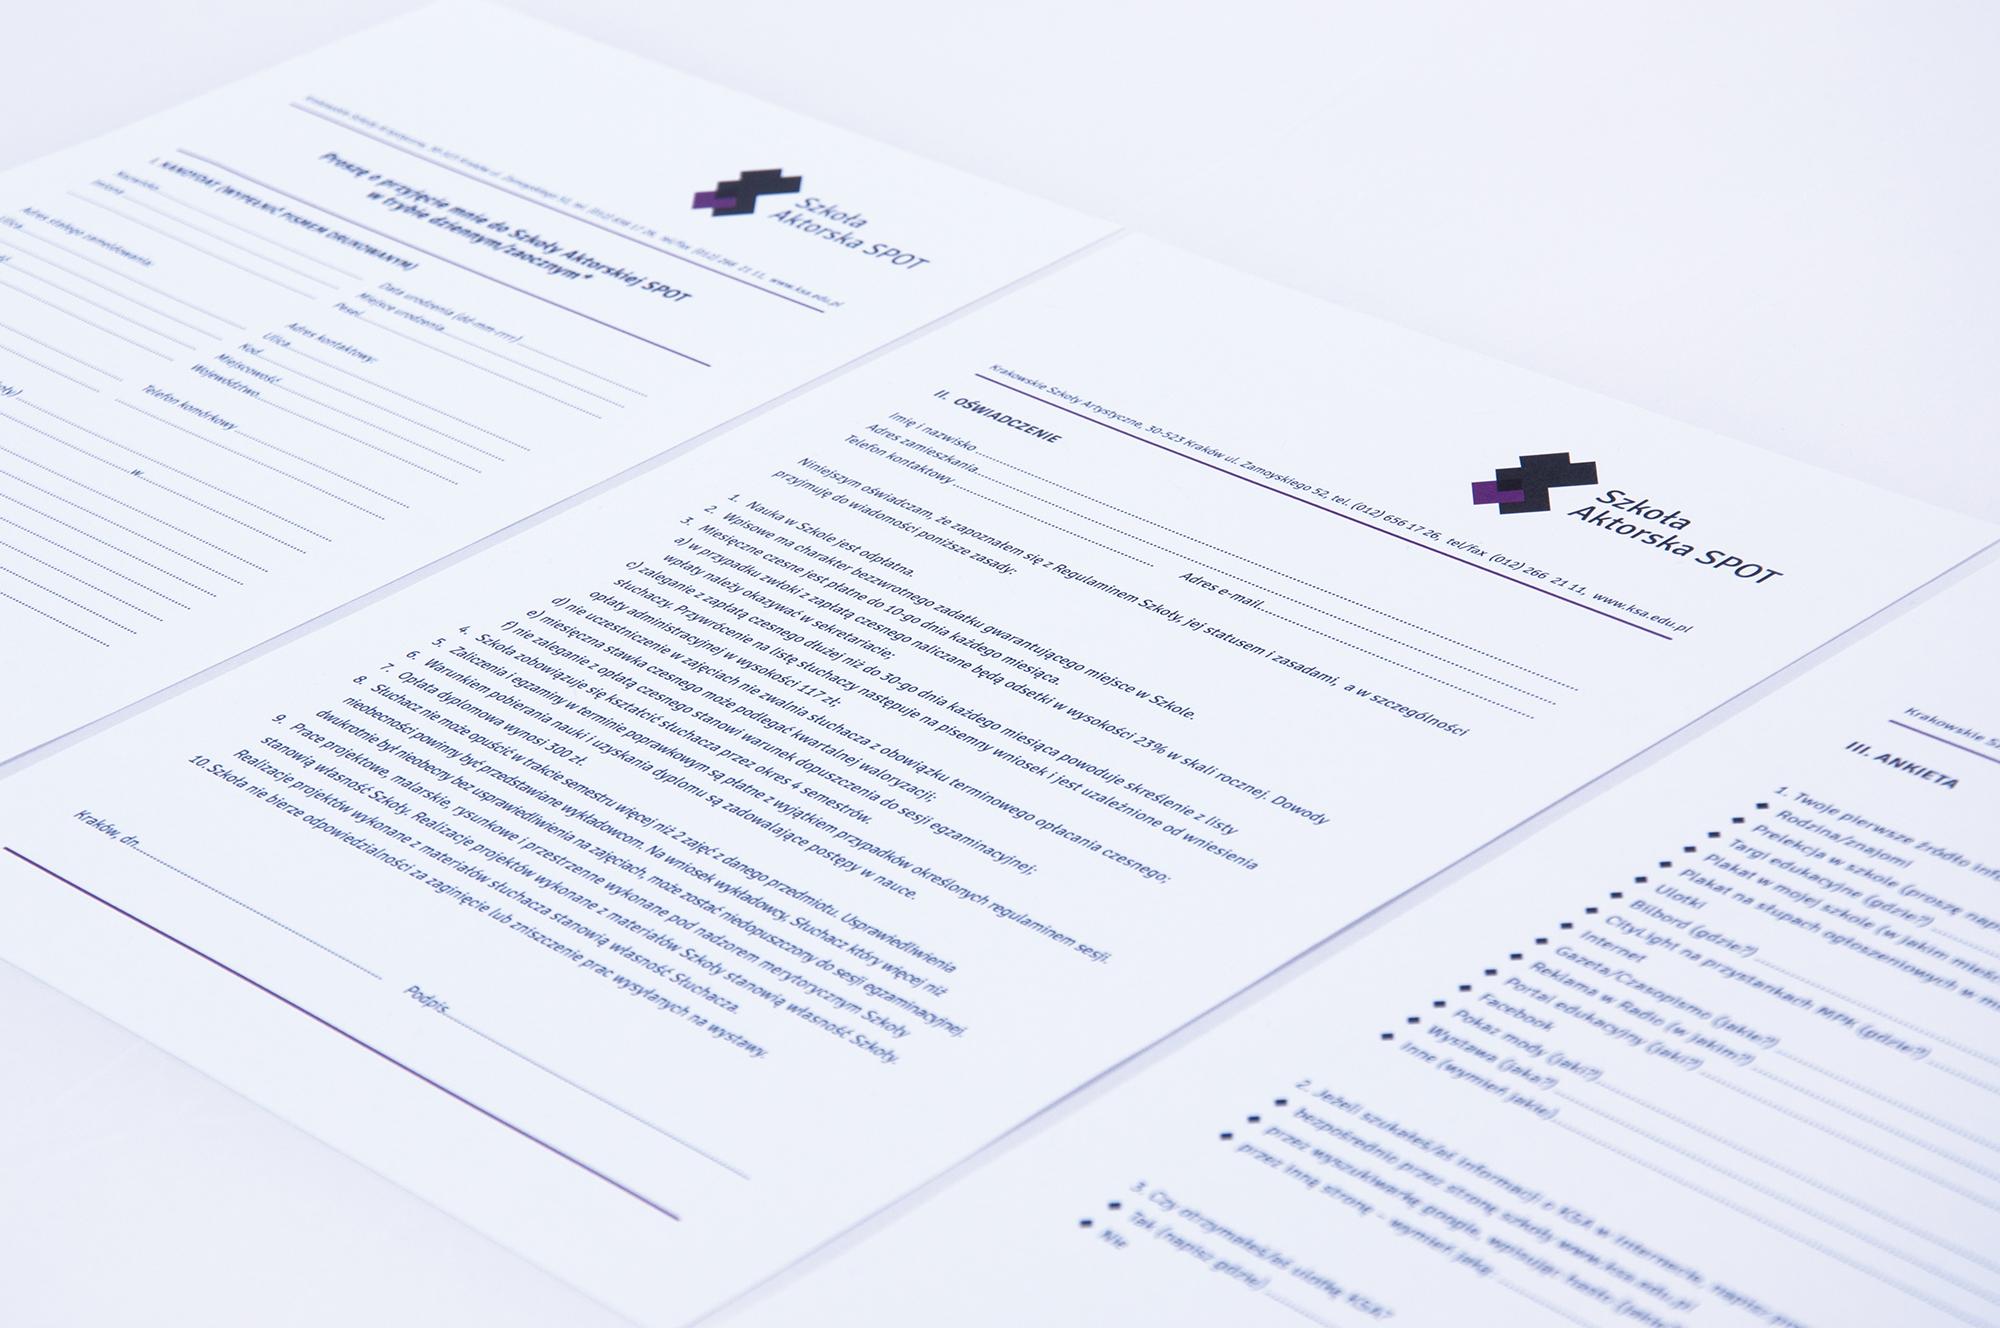 Nina Gregier dyplom dokumentacja duze zdjecia (7)